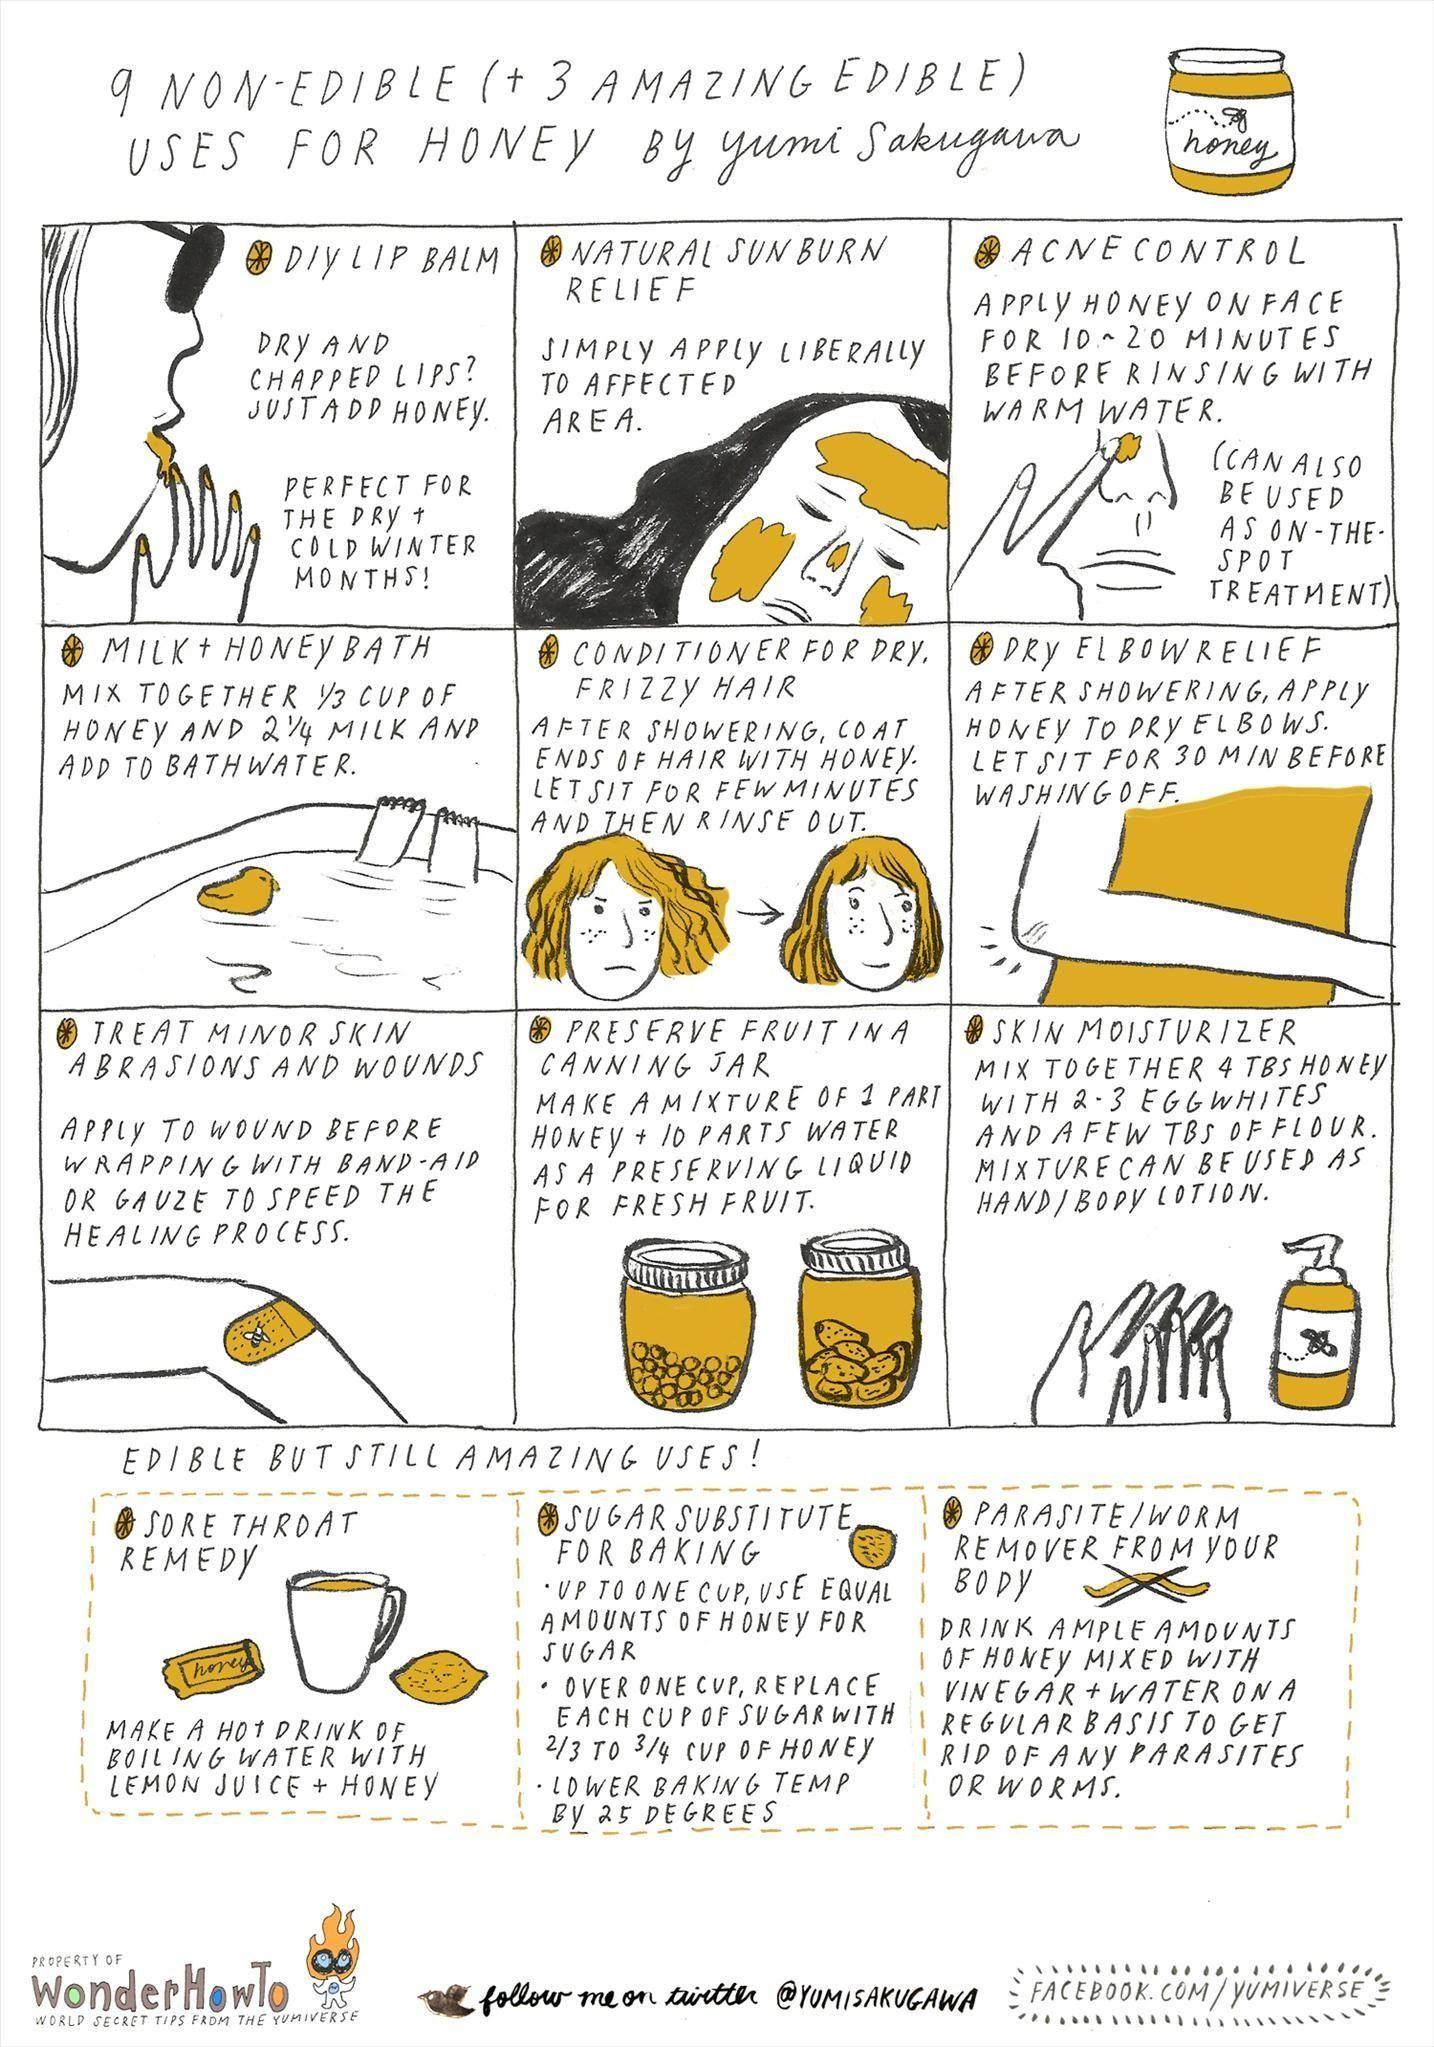 9 Non-Edible (+ 3 Amazing Edible) Uses for Honey